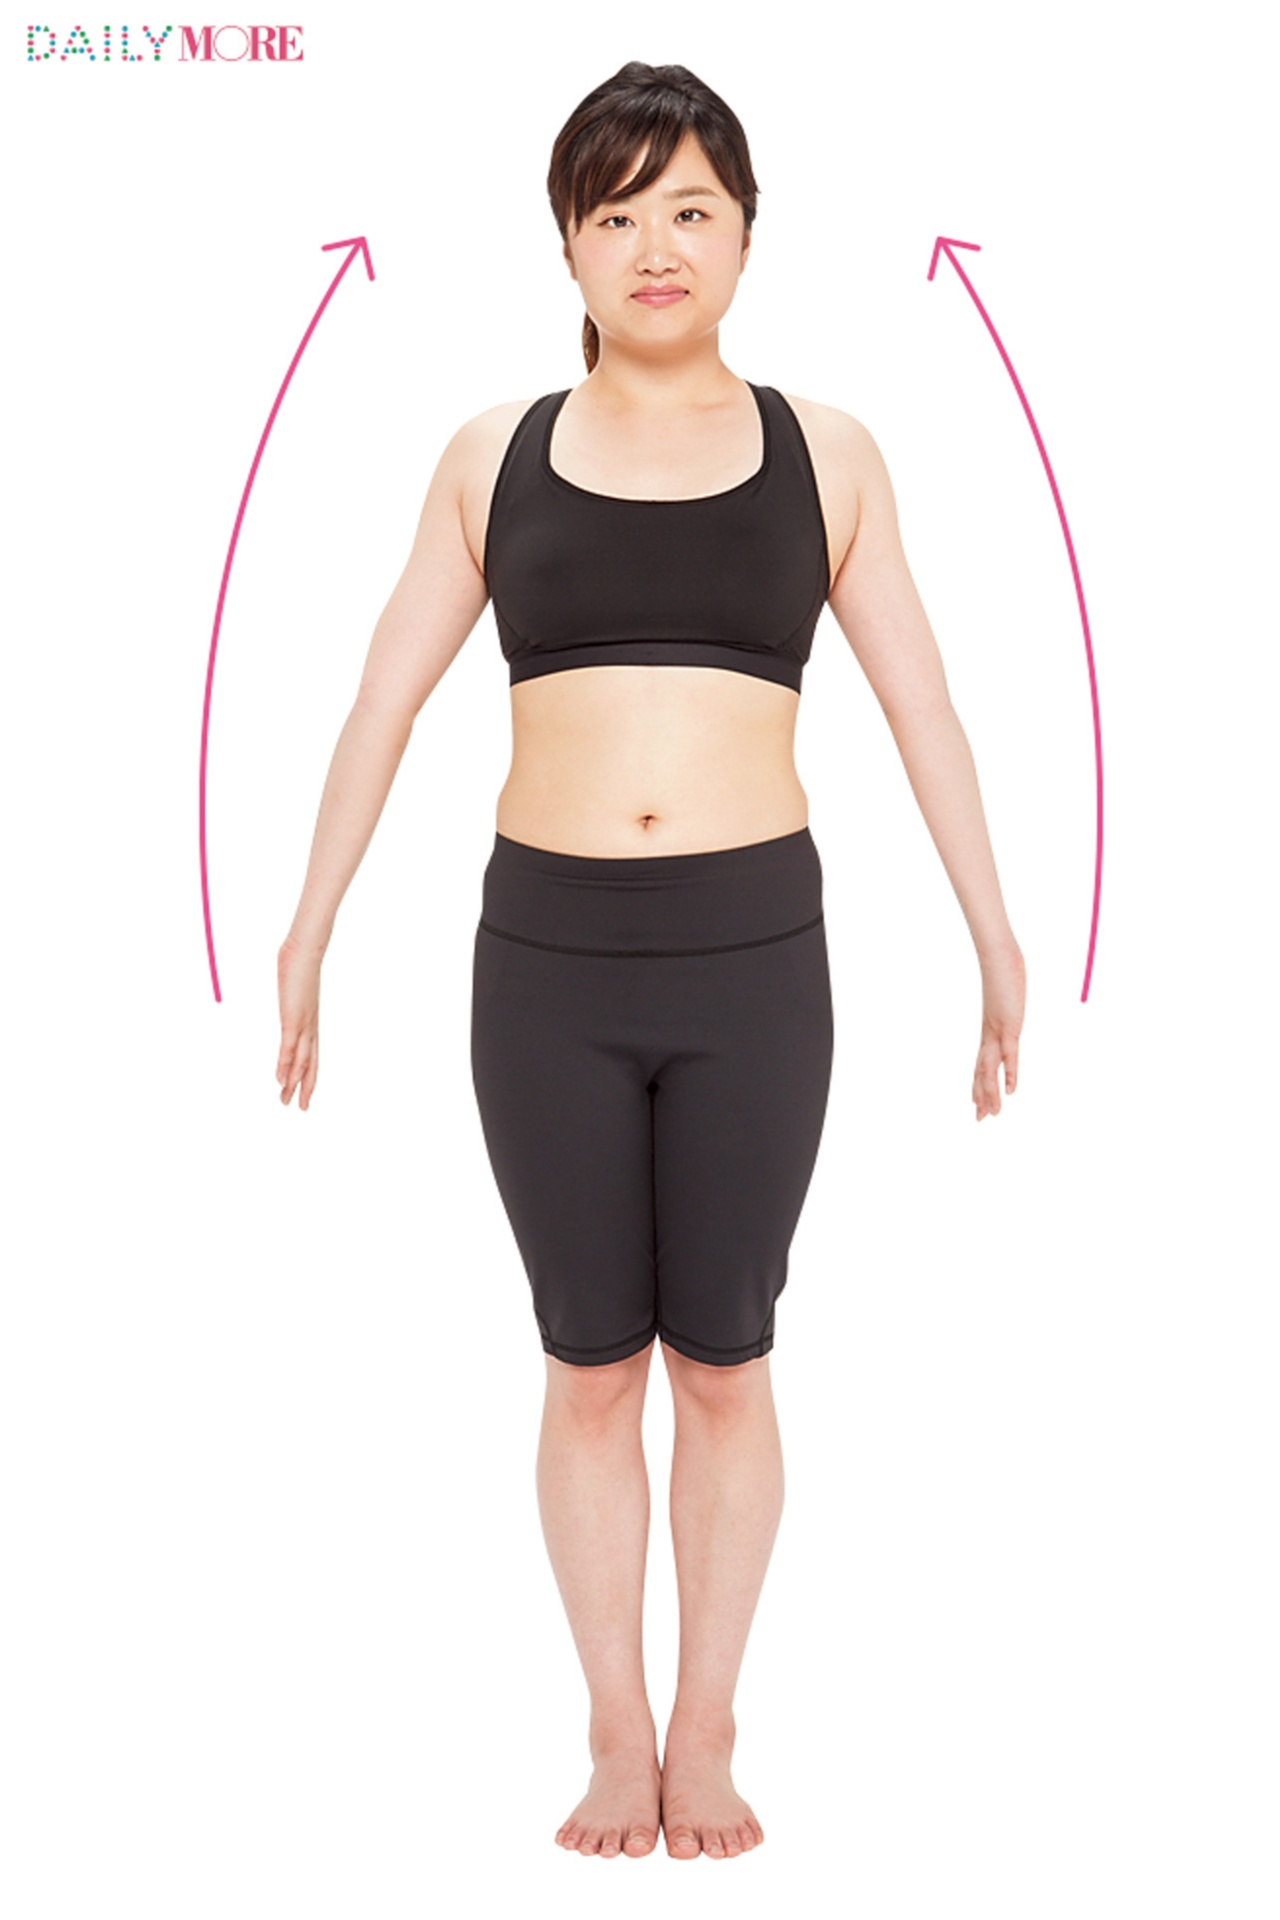 【動画もチェック!】二の腕、背中、お腹など気になるラインすべてにアプローチ! 全身やせエクササイズ!【#モアチャレ 7キロやせダイエット】_1_1